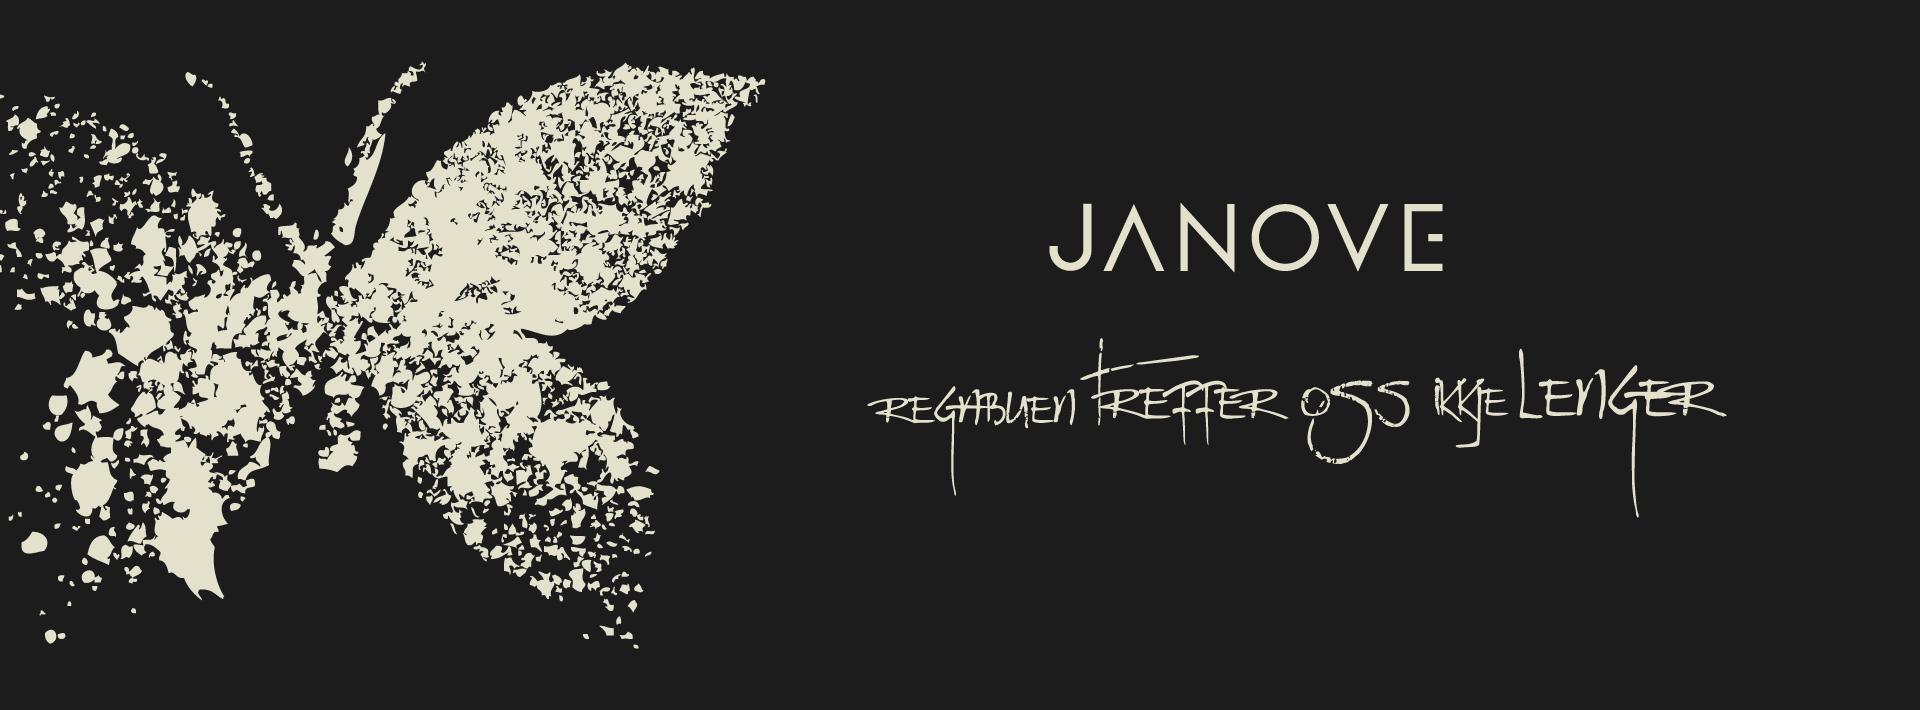 Ny låt fra Janove